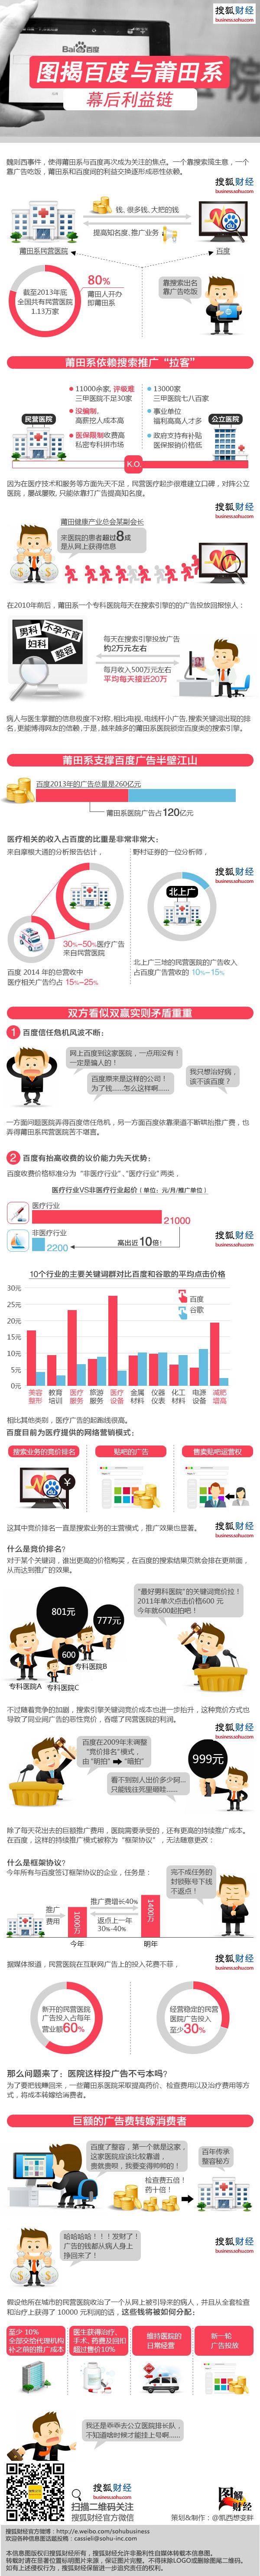 图说2016年中国经济成绩单(三) - 记彔无疆 - 数字中国